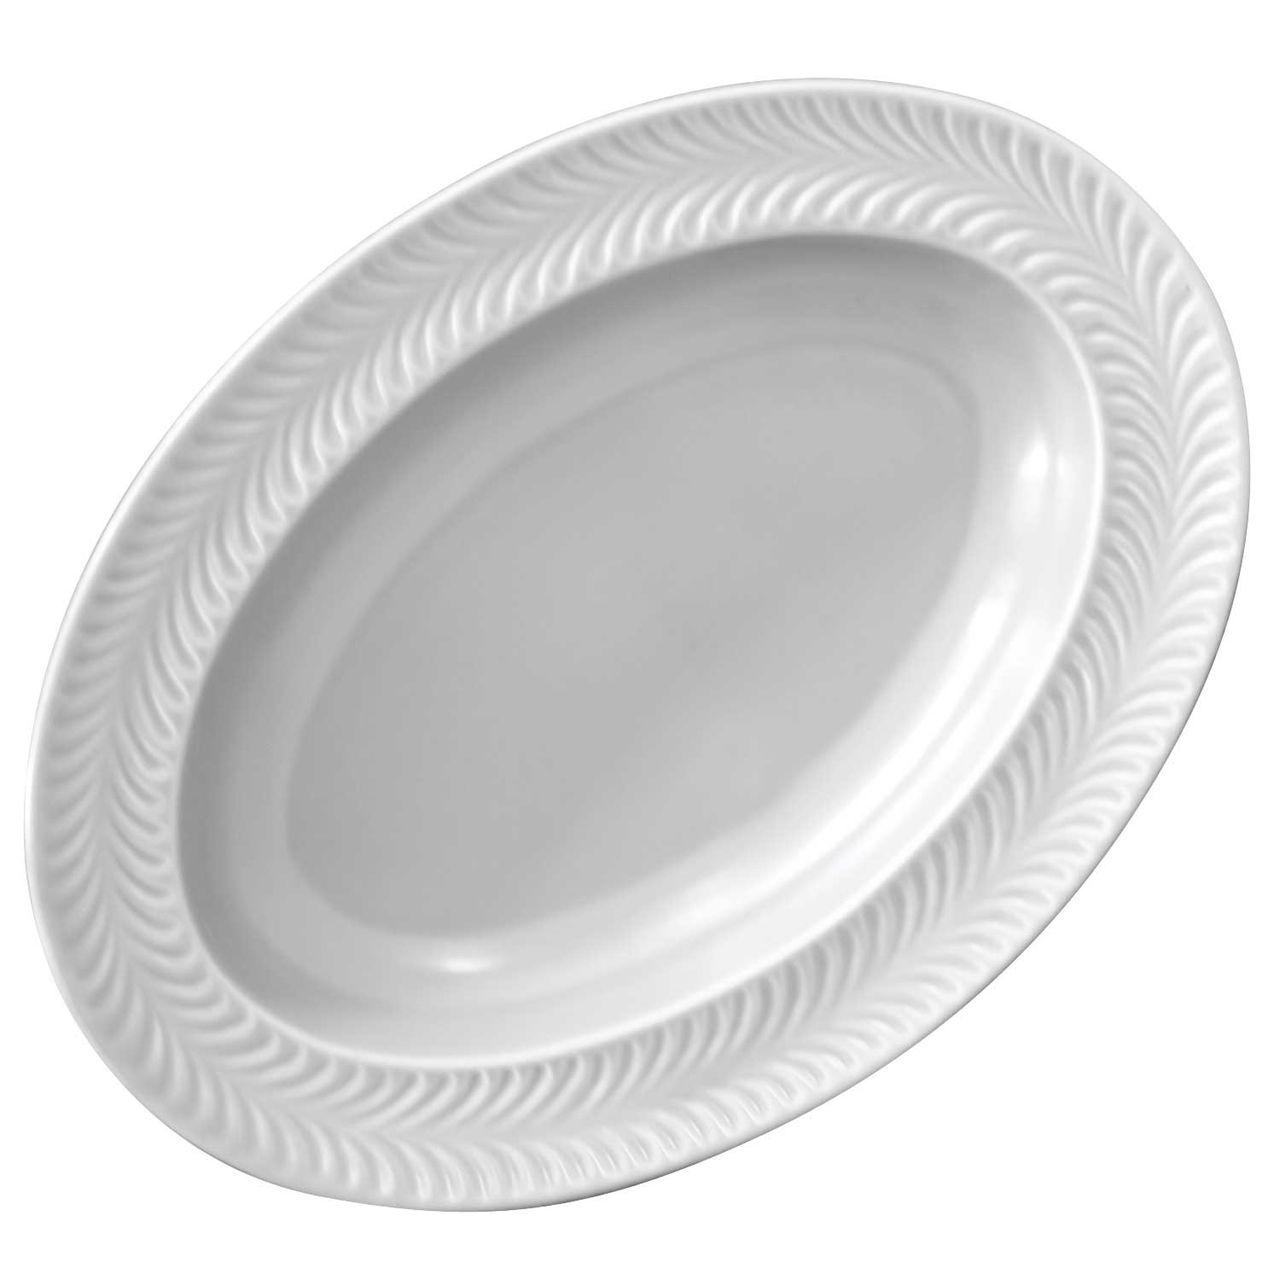 波佐見焼 翔芳窯 ローズマリー リムオーバル 皿 約27×19cm マットグレー